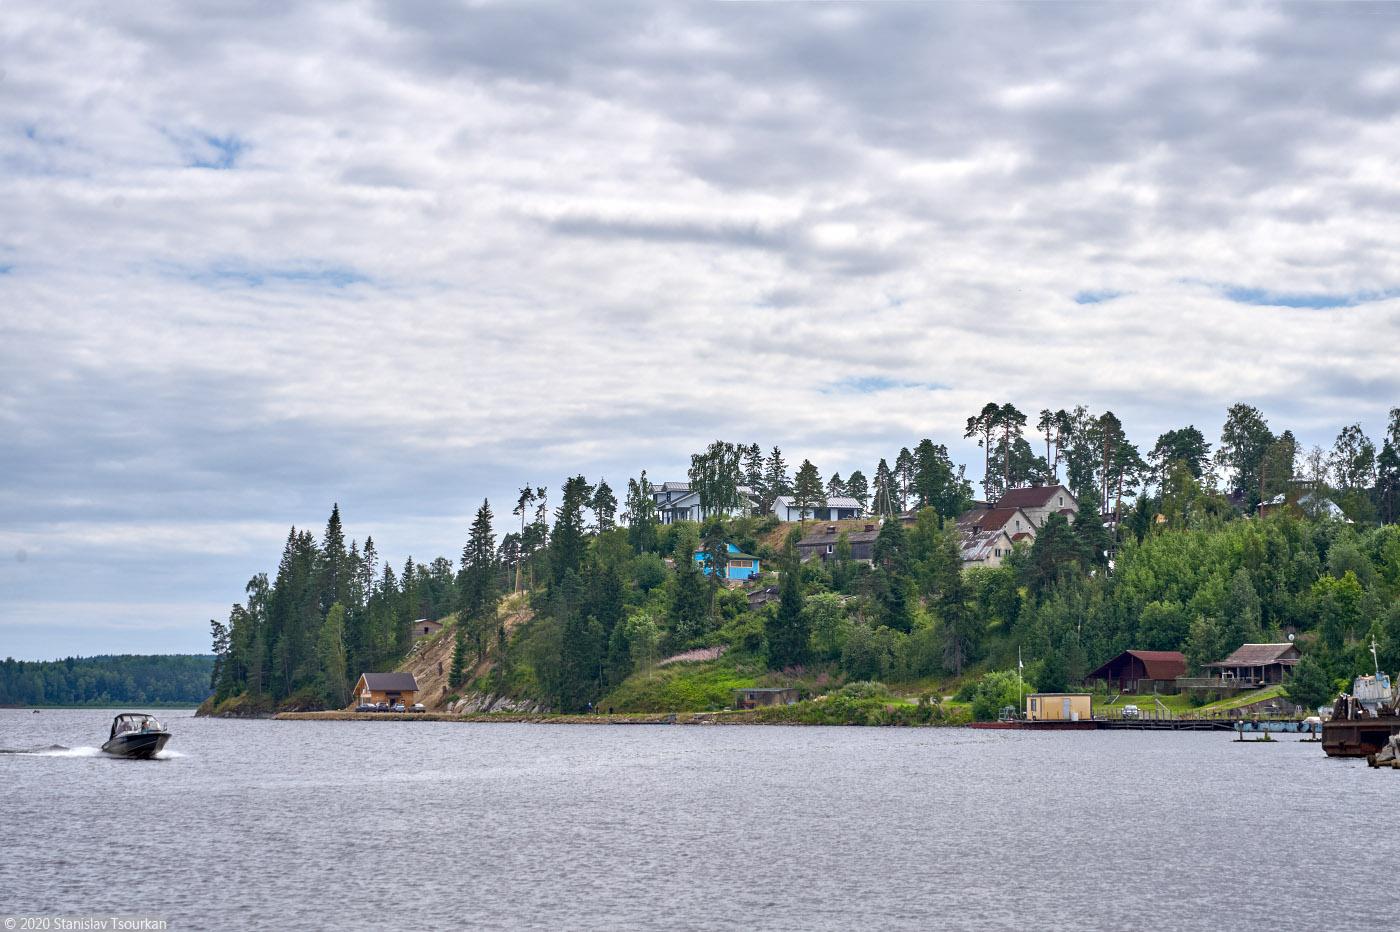 Лахденпохья, Карелия, республика Карелия, Ладожское озеро, Якимварский залив